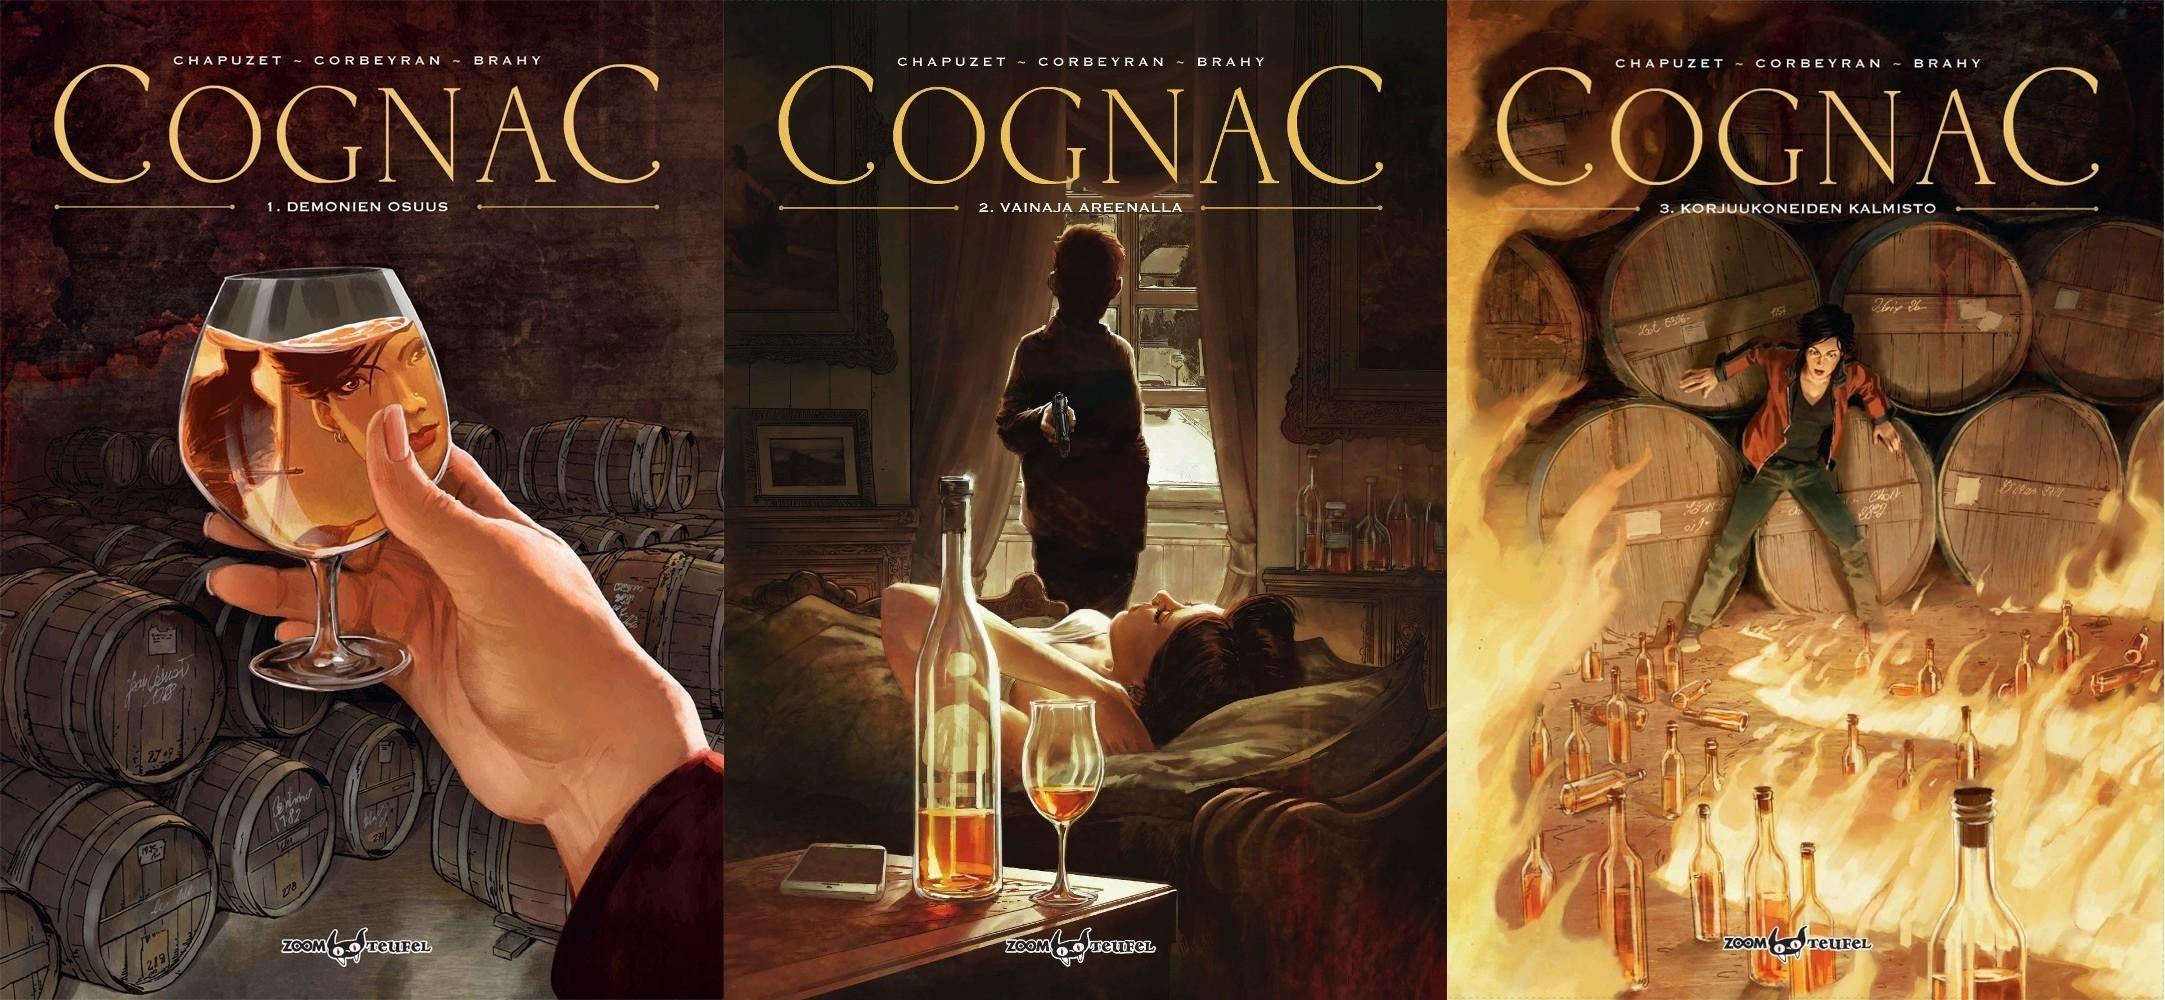 Cognac 1-3 (KOKO SARJA)